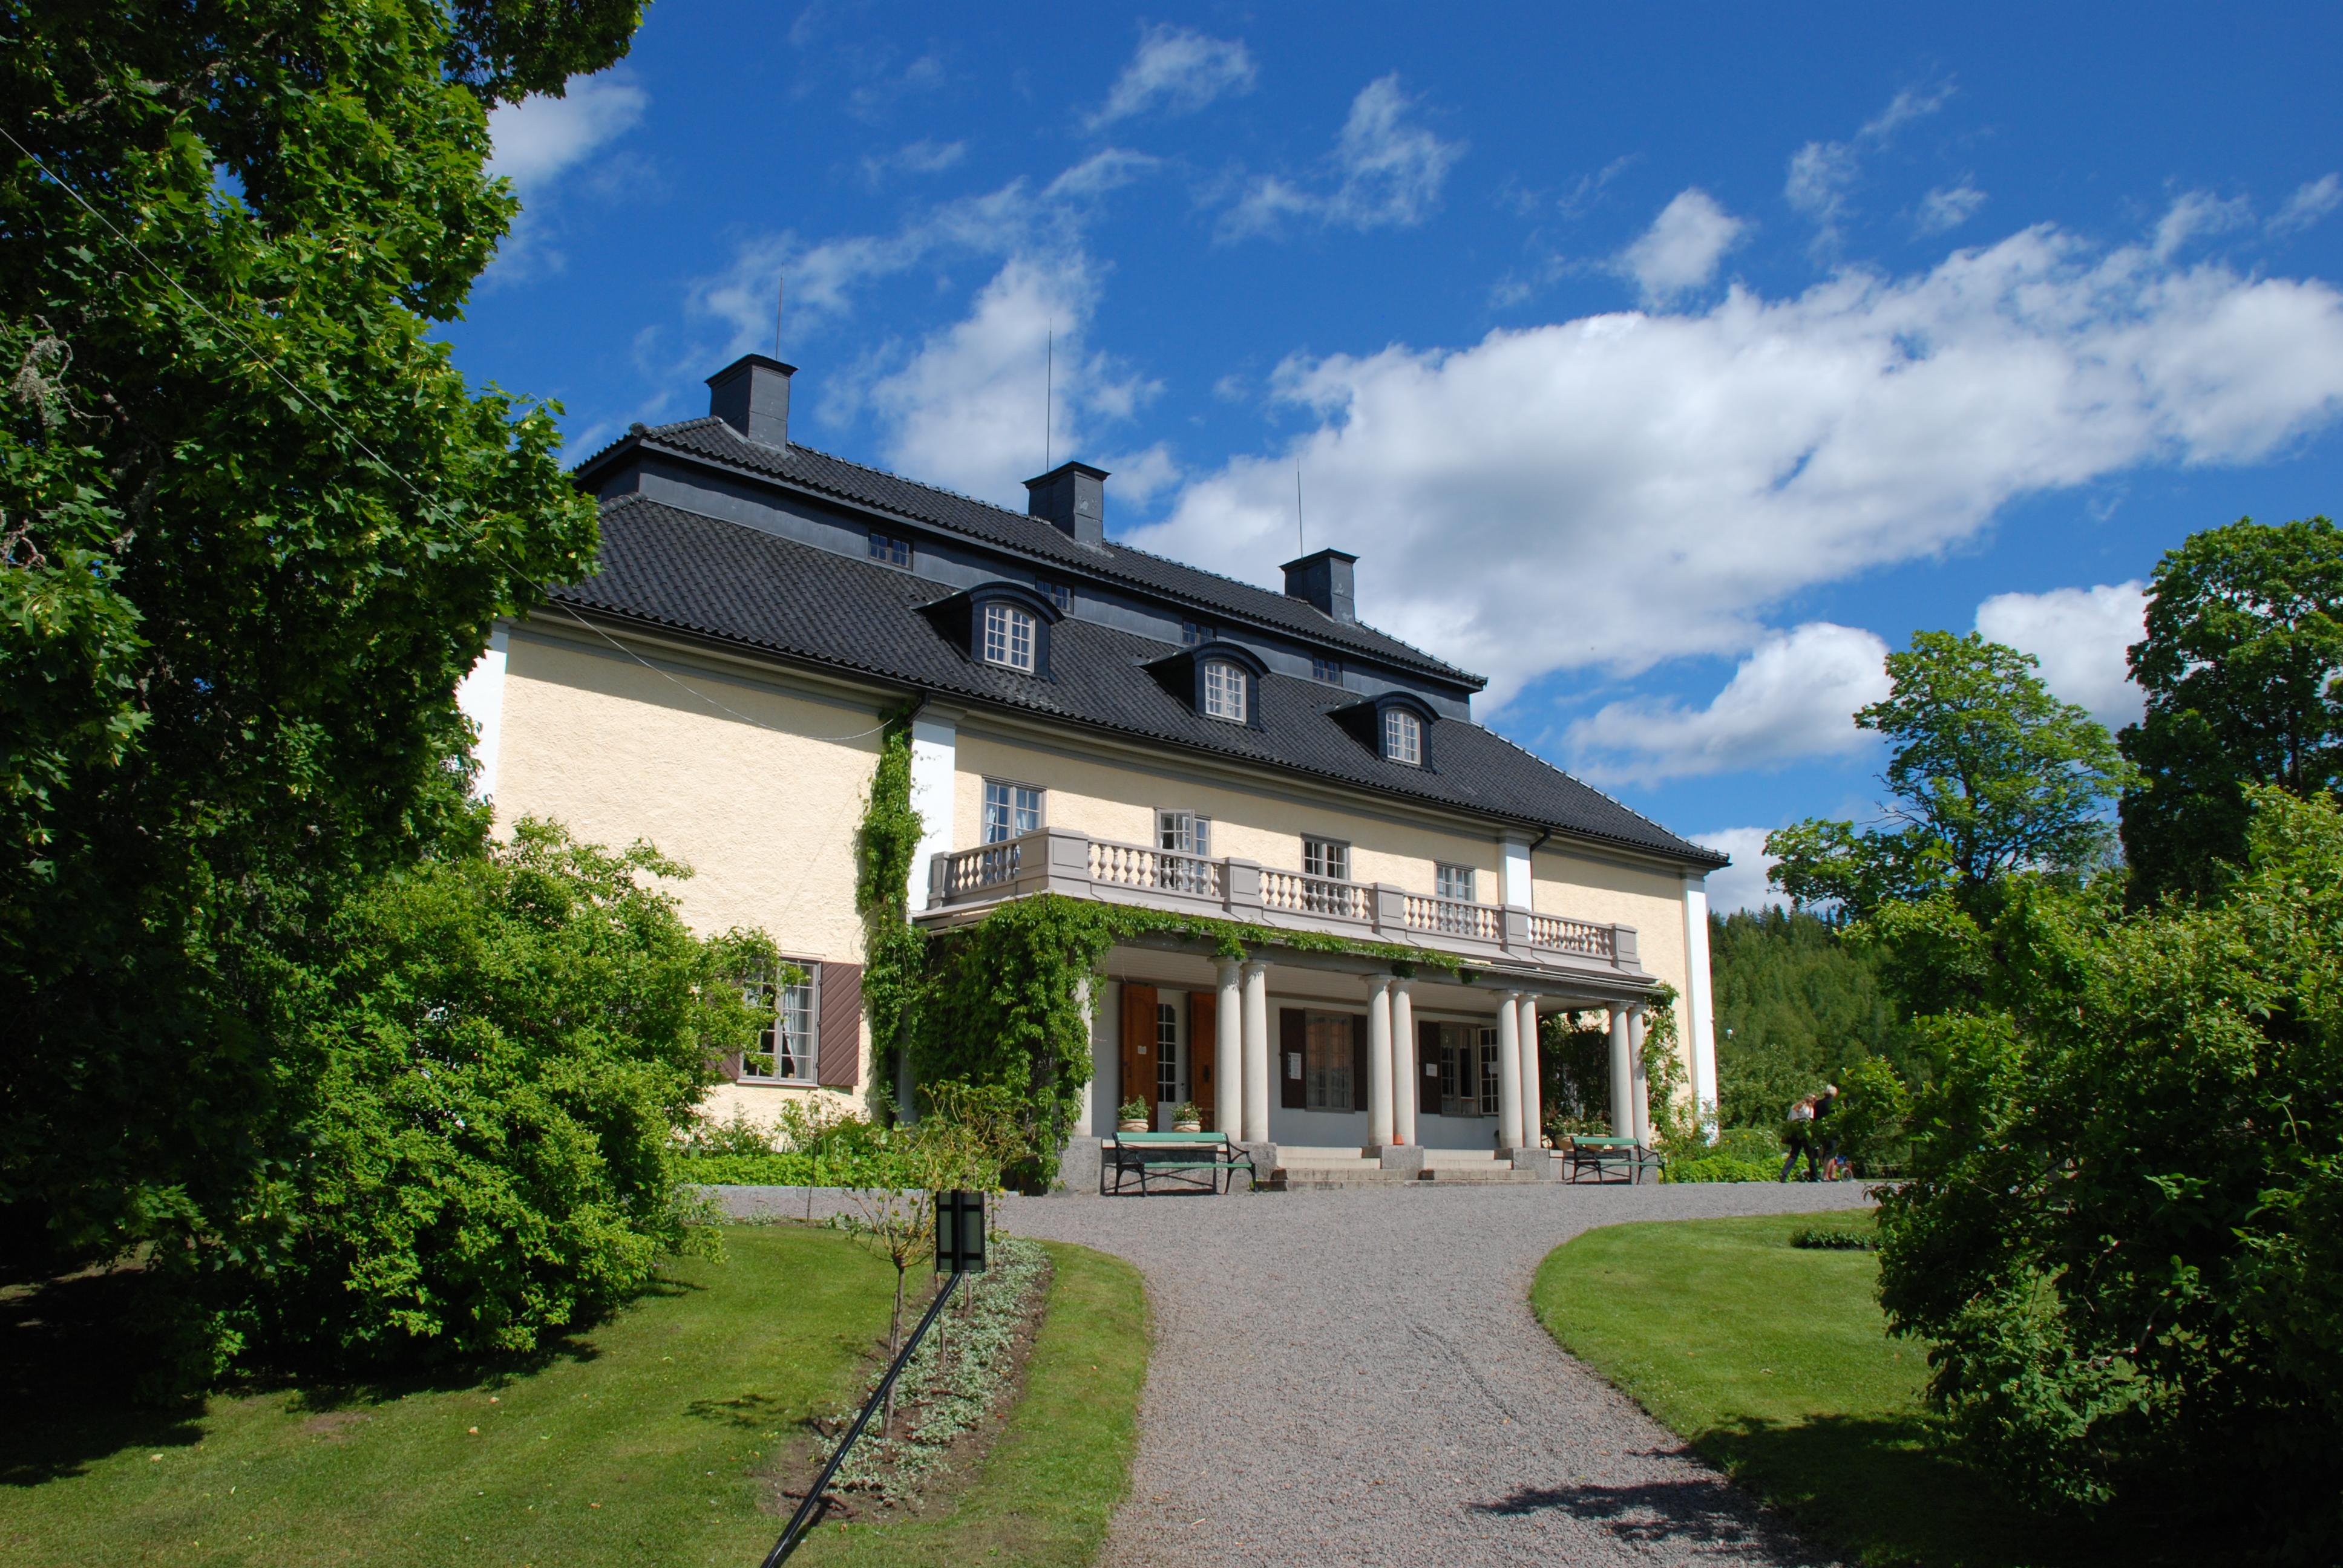 Selma Lagerlöf föddes på Mårbacka och efter hennes död förvaltas huset enligt hennes testamente av en privat stiftelse. De har som uppgift att bevara huset som en släkt- och minnesgård.  Besöker du huset kan du ta del av utställningar, teater, fika och bokcirklar bland annat.